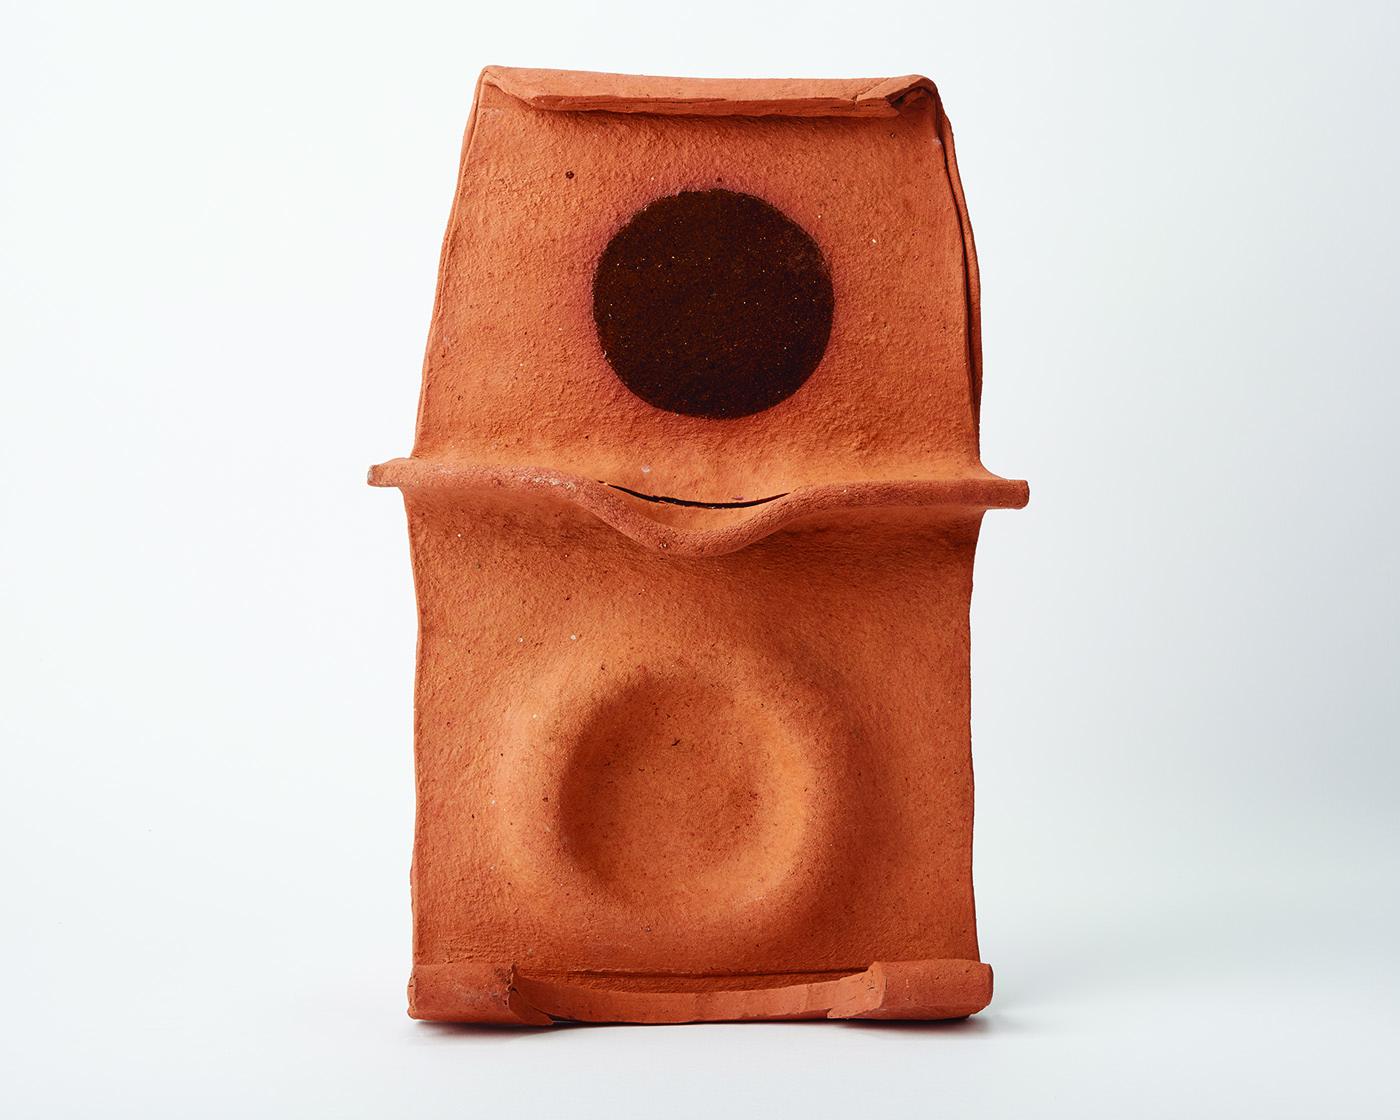 Untitled   Ceramic  14 x 8 1/2 inches  35.56 x 21.59 cm